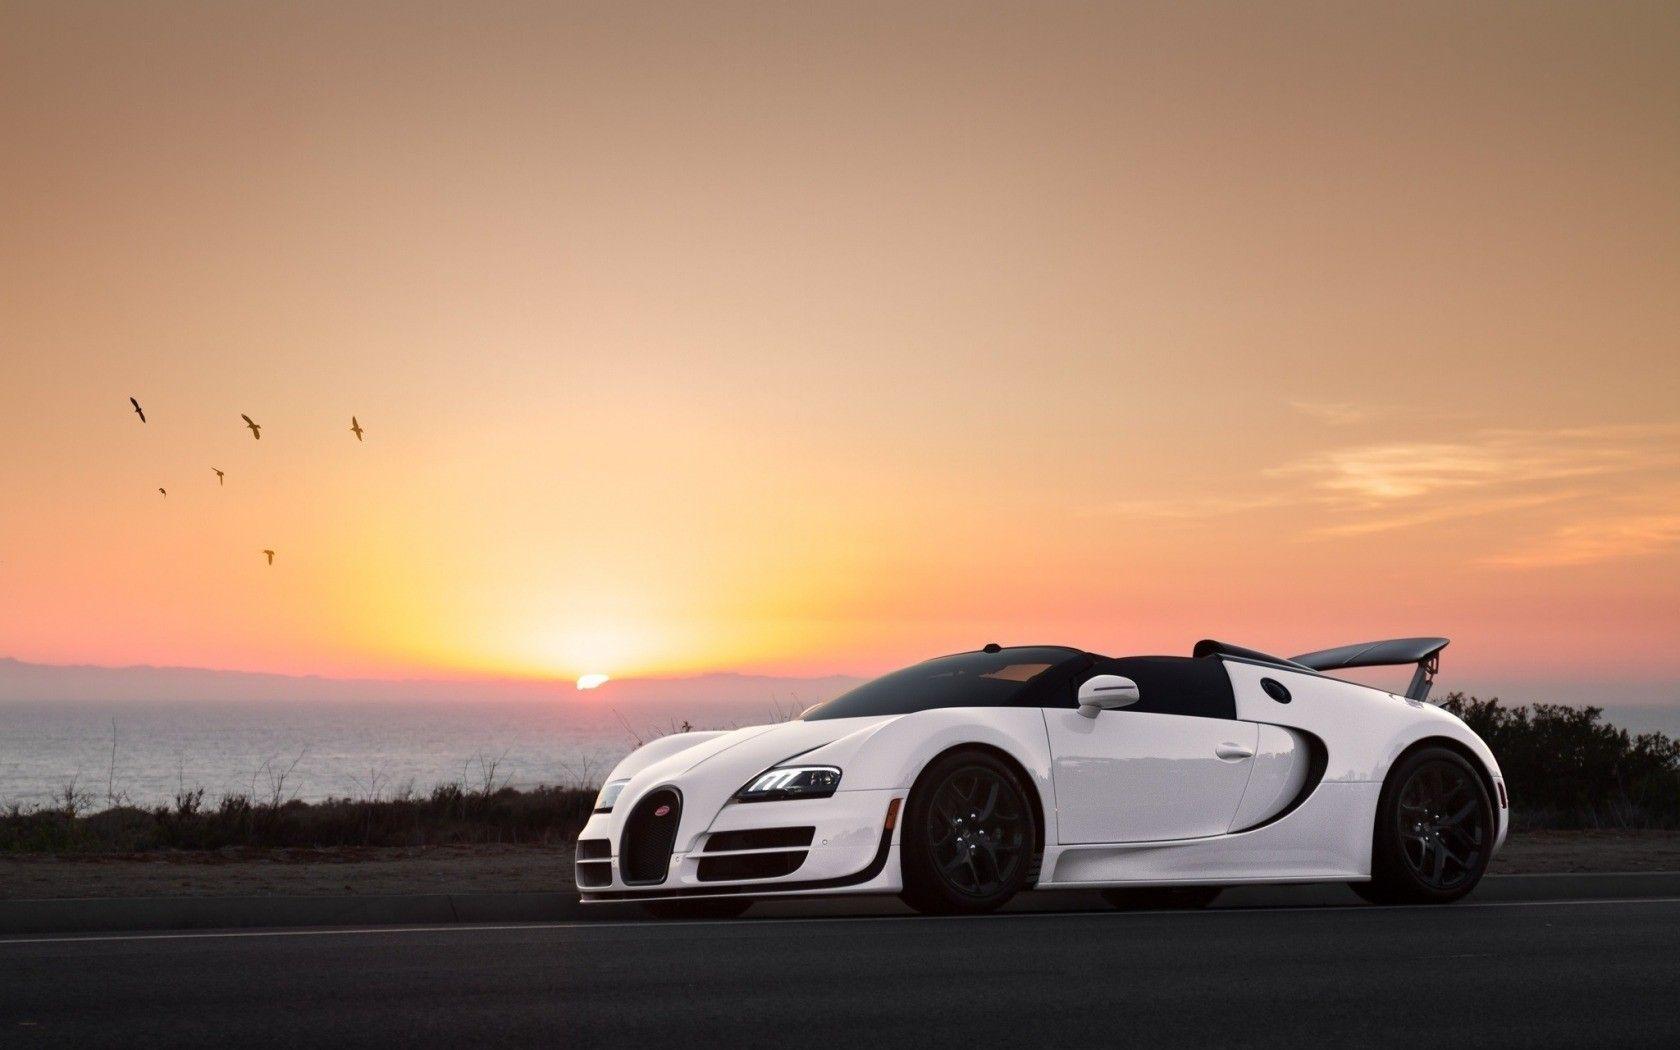 Bugatti Veyron Super Sport Wallpaper Bugatti Veyron Super Sport Veyron Bugatti Veyron